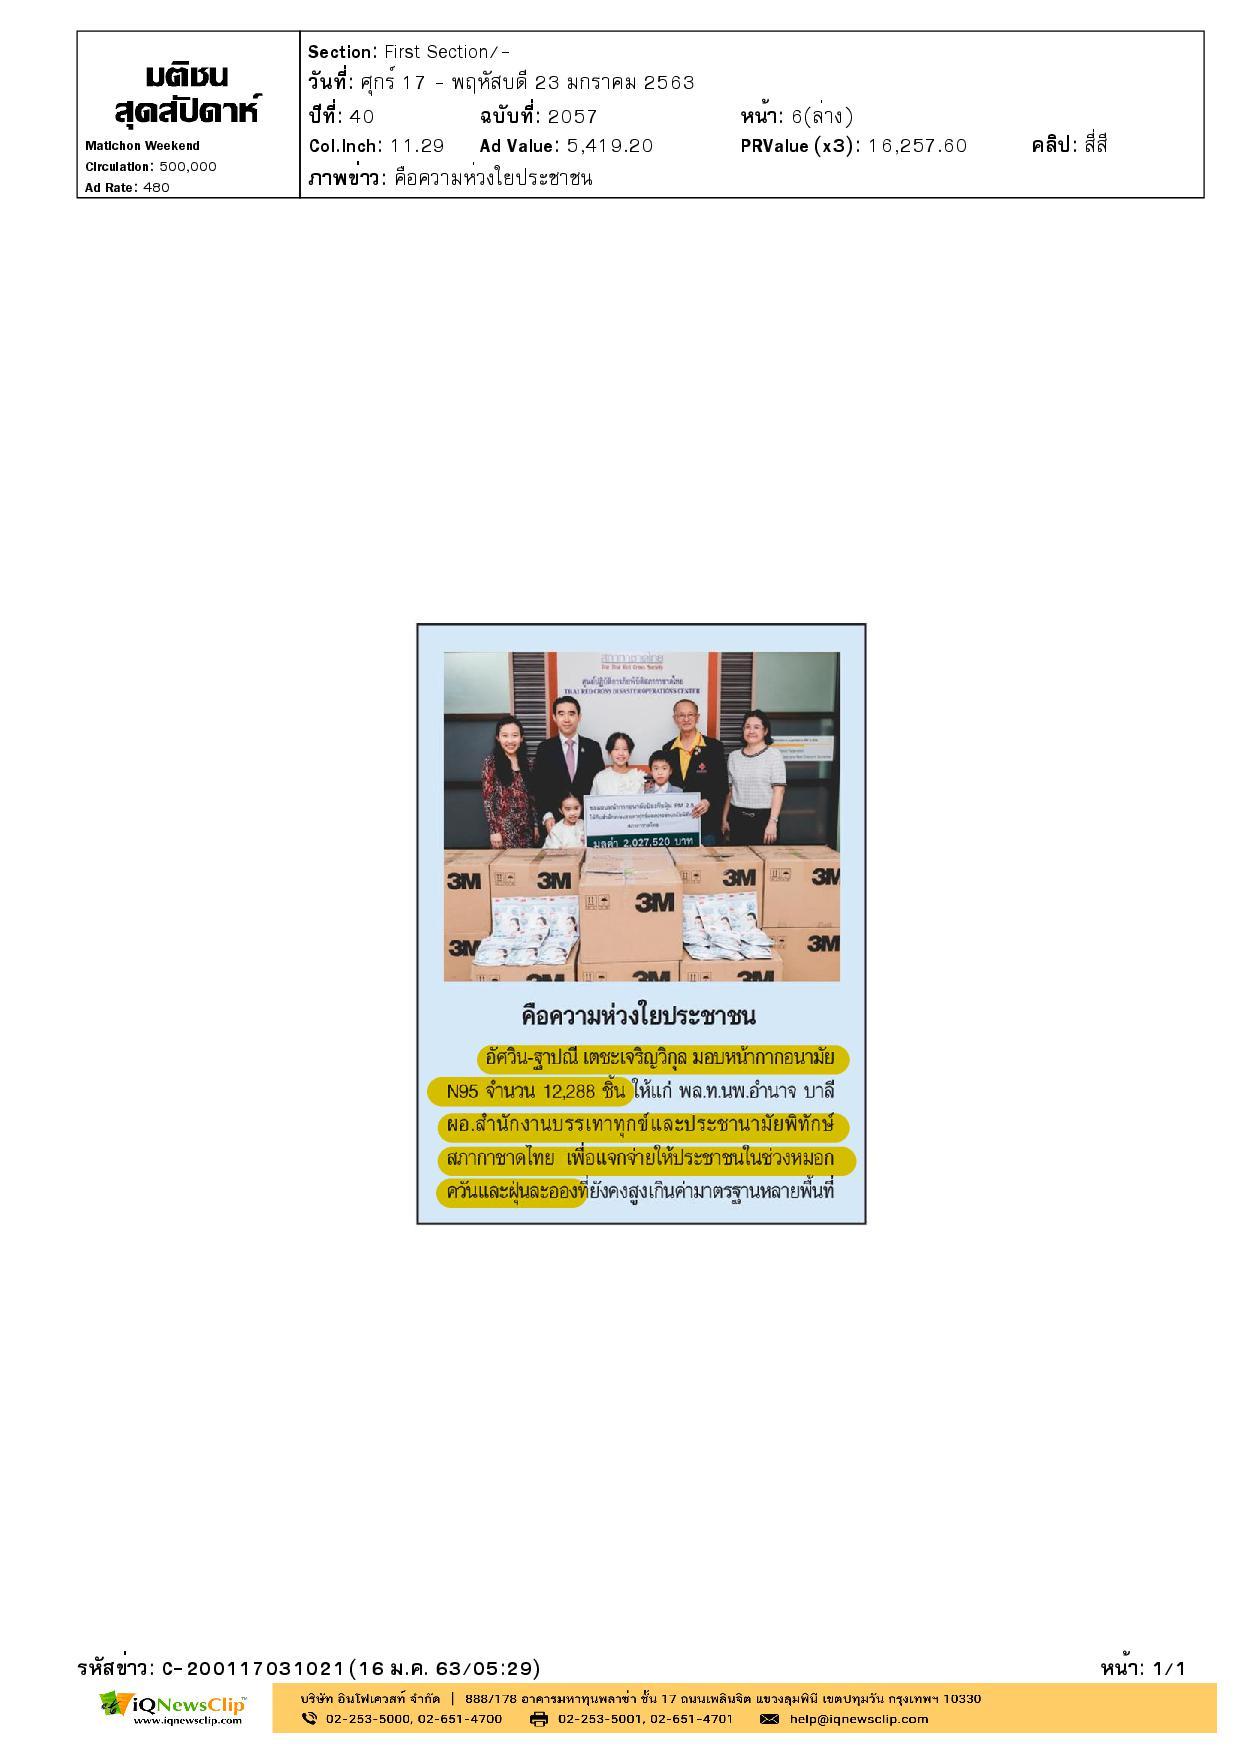 มอบหน้ากากอนามัย N95 ให้แก่สำนักงานบรรเทาทุกข์ฯ เพื่อแจกจ่ายประชาชน